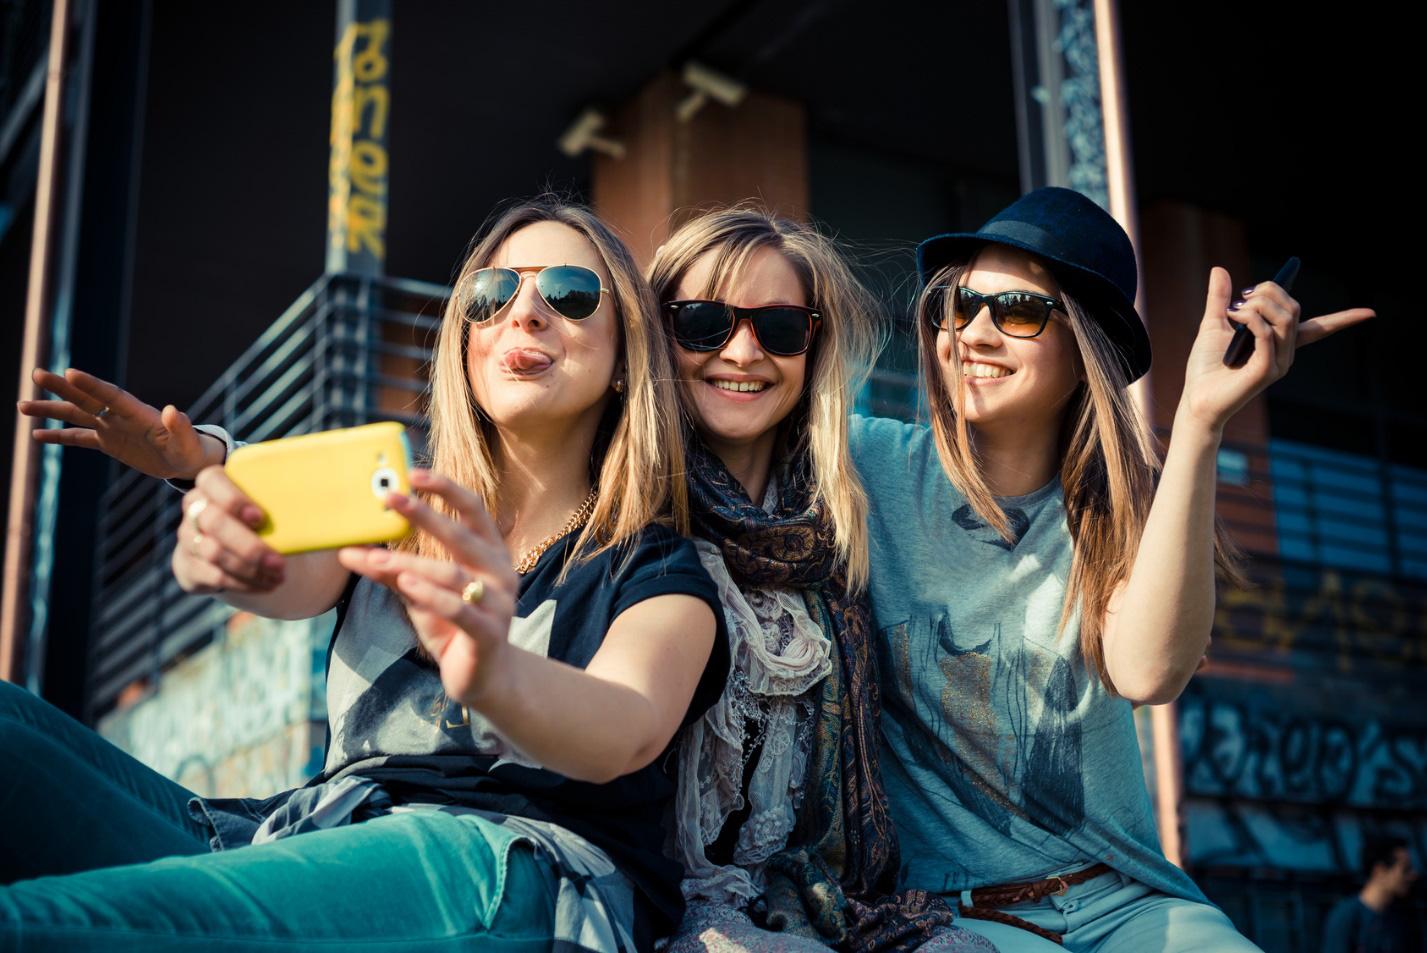 6 cách xây dựng mối quan hệ cho sinh viên mới ra trường - Ảnh 4.